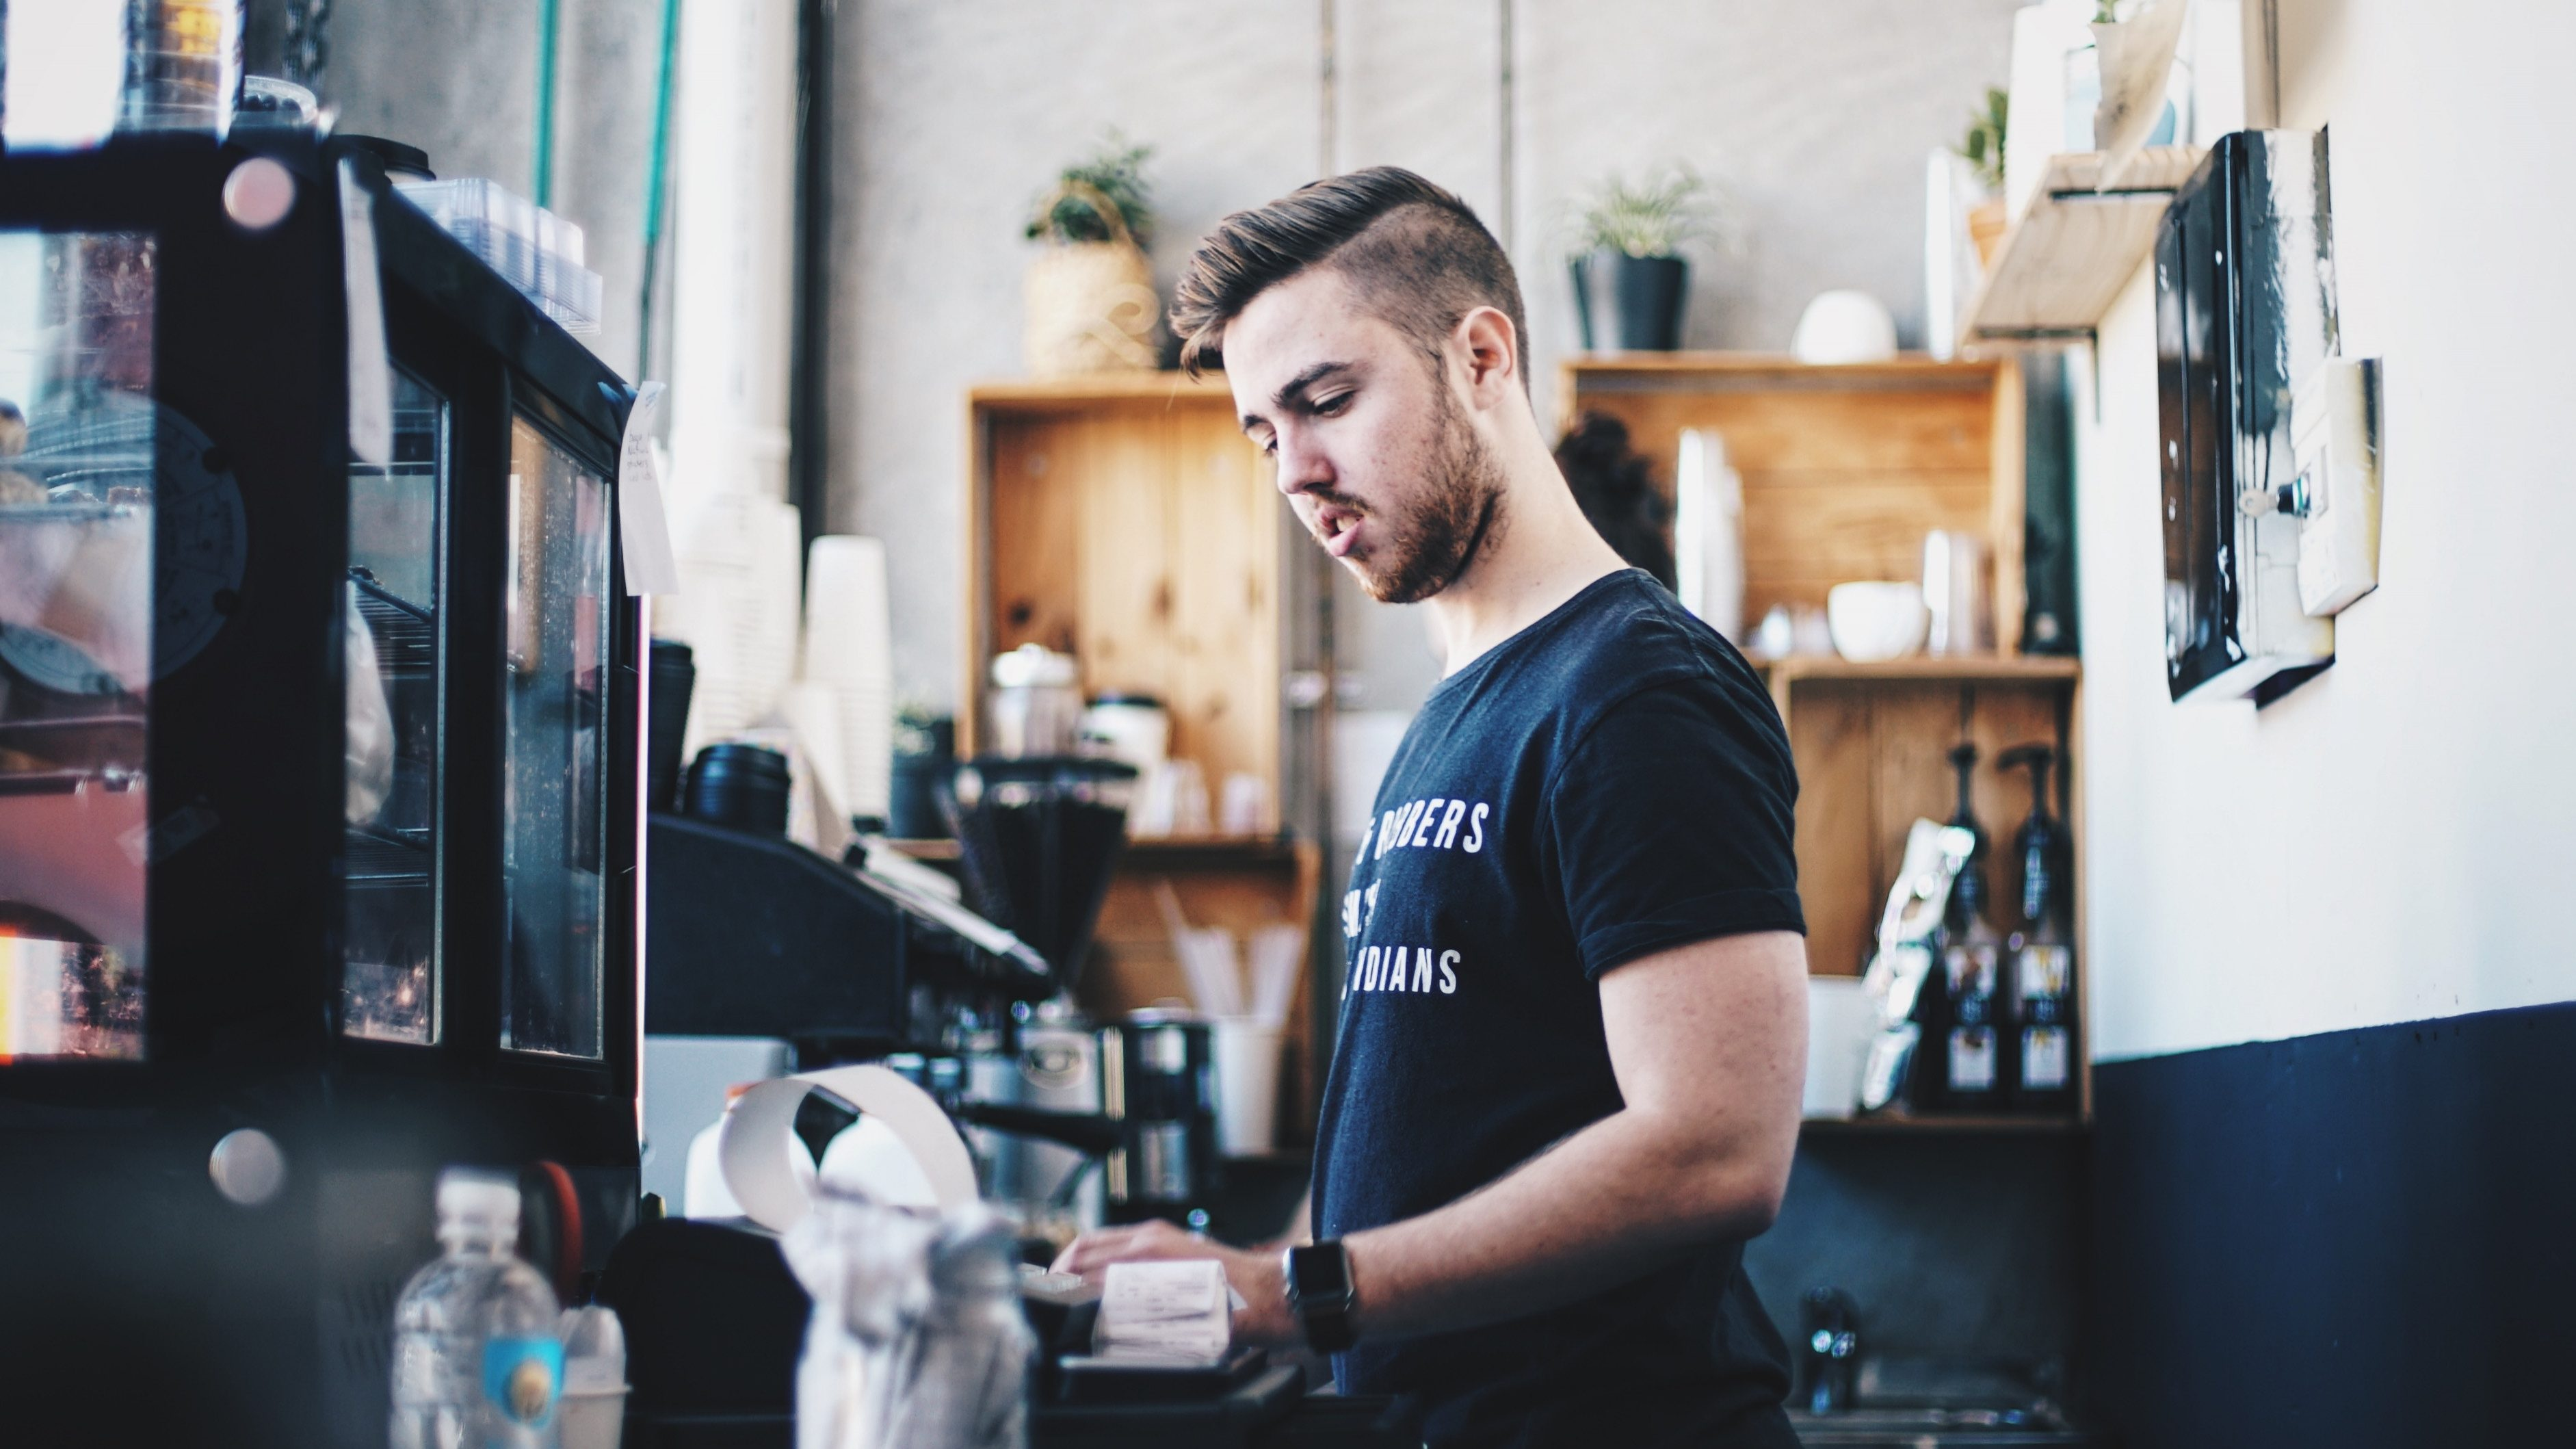 Trabalho e carreira são as áreas que mais preocupam jovens adultos